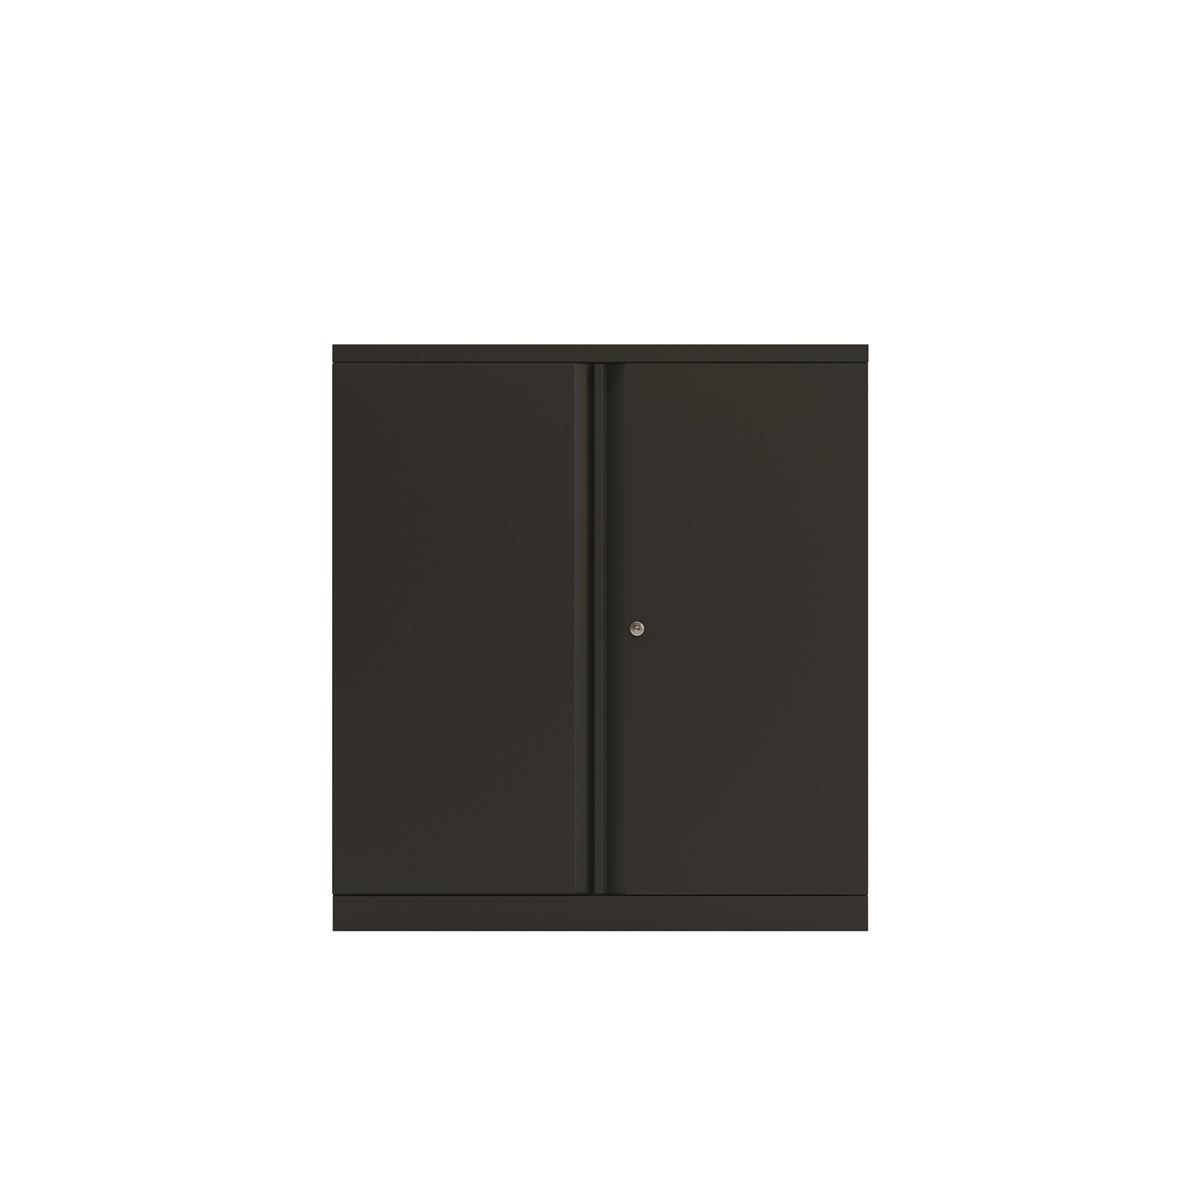 Bisley Two Door Steel Storage Cupboard 914x470x1000-1015mm Black Ref YECB0910/1S-av1